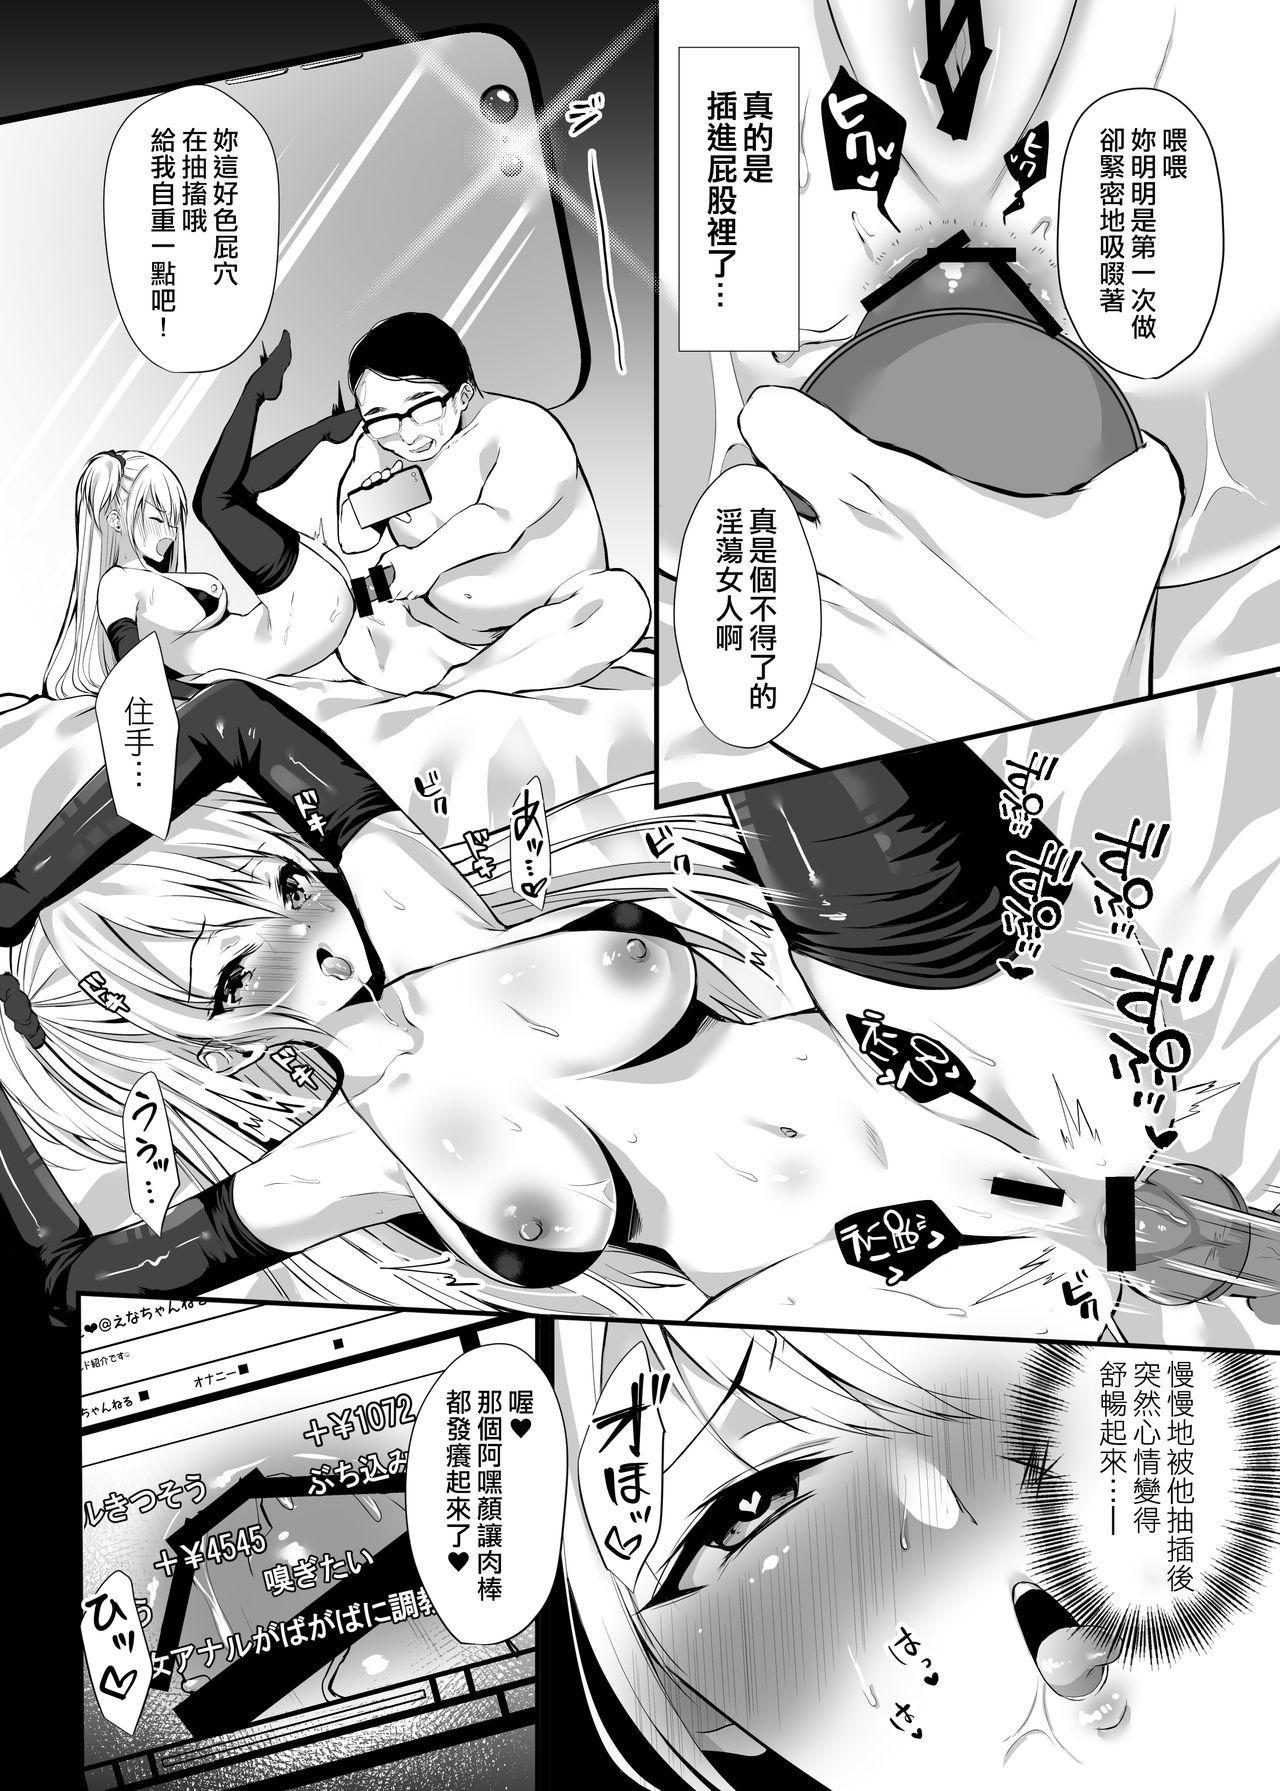 Himitsu 1 14